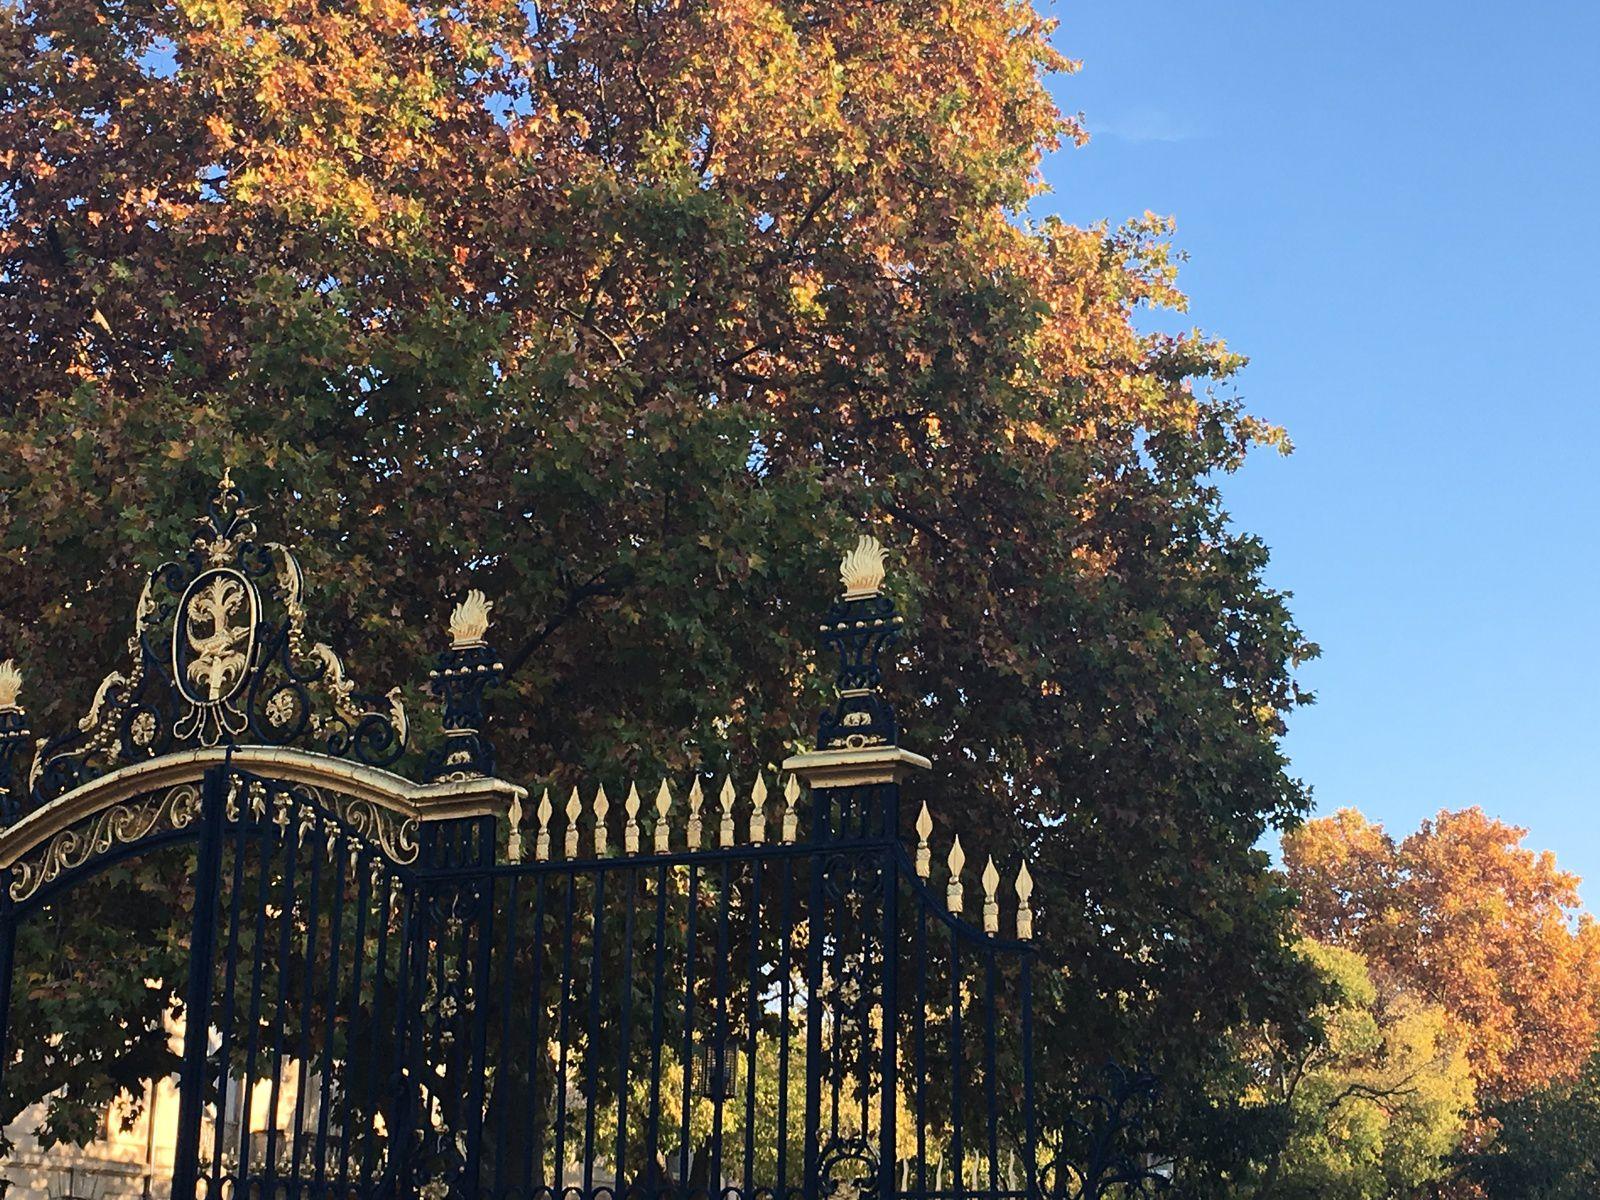 L'automne aux Jardins : des sous-bois aux teintes somptueuses...